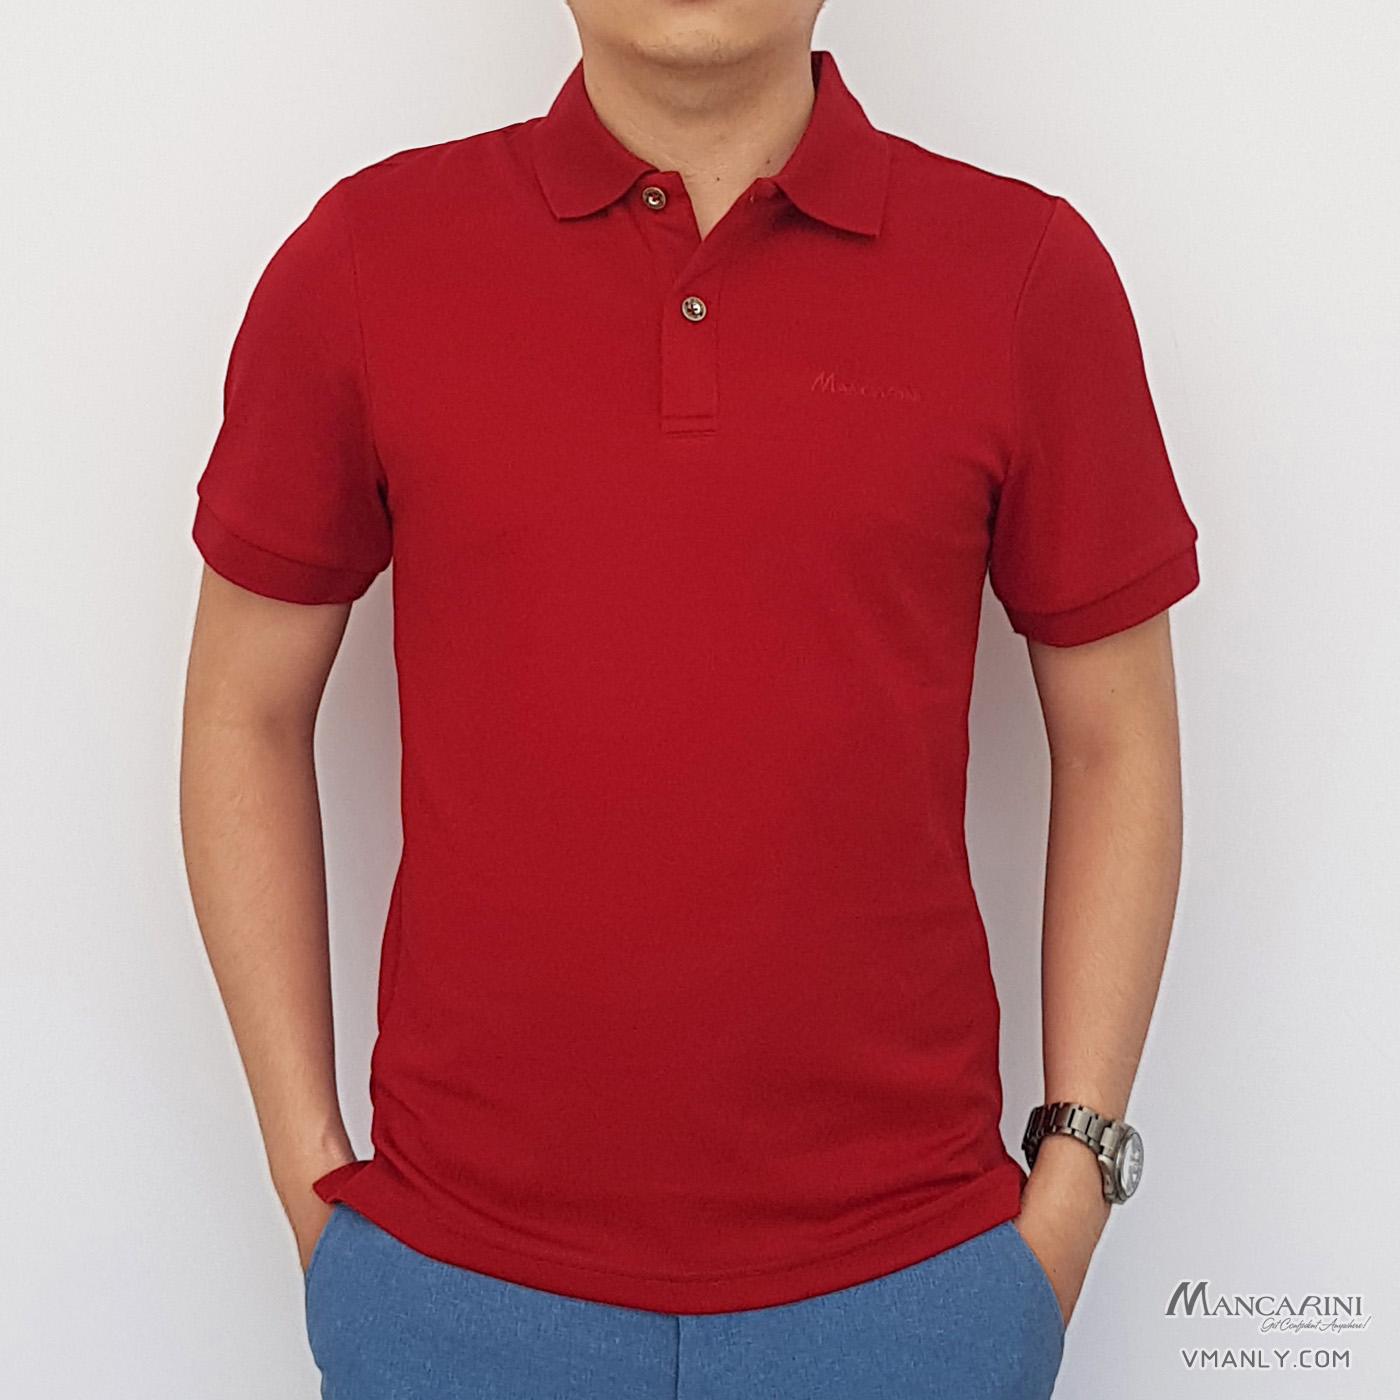 Áo polo nam Mancarini áo thun cổ bẻ màu đỏ 1AP0062